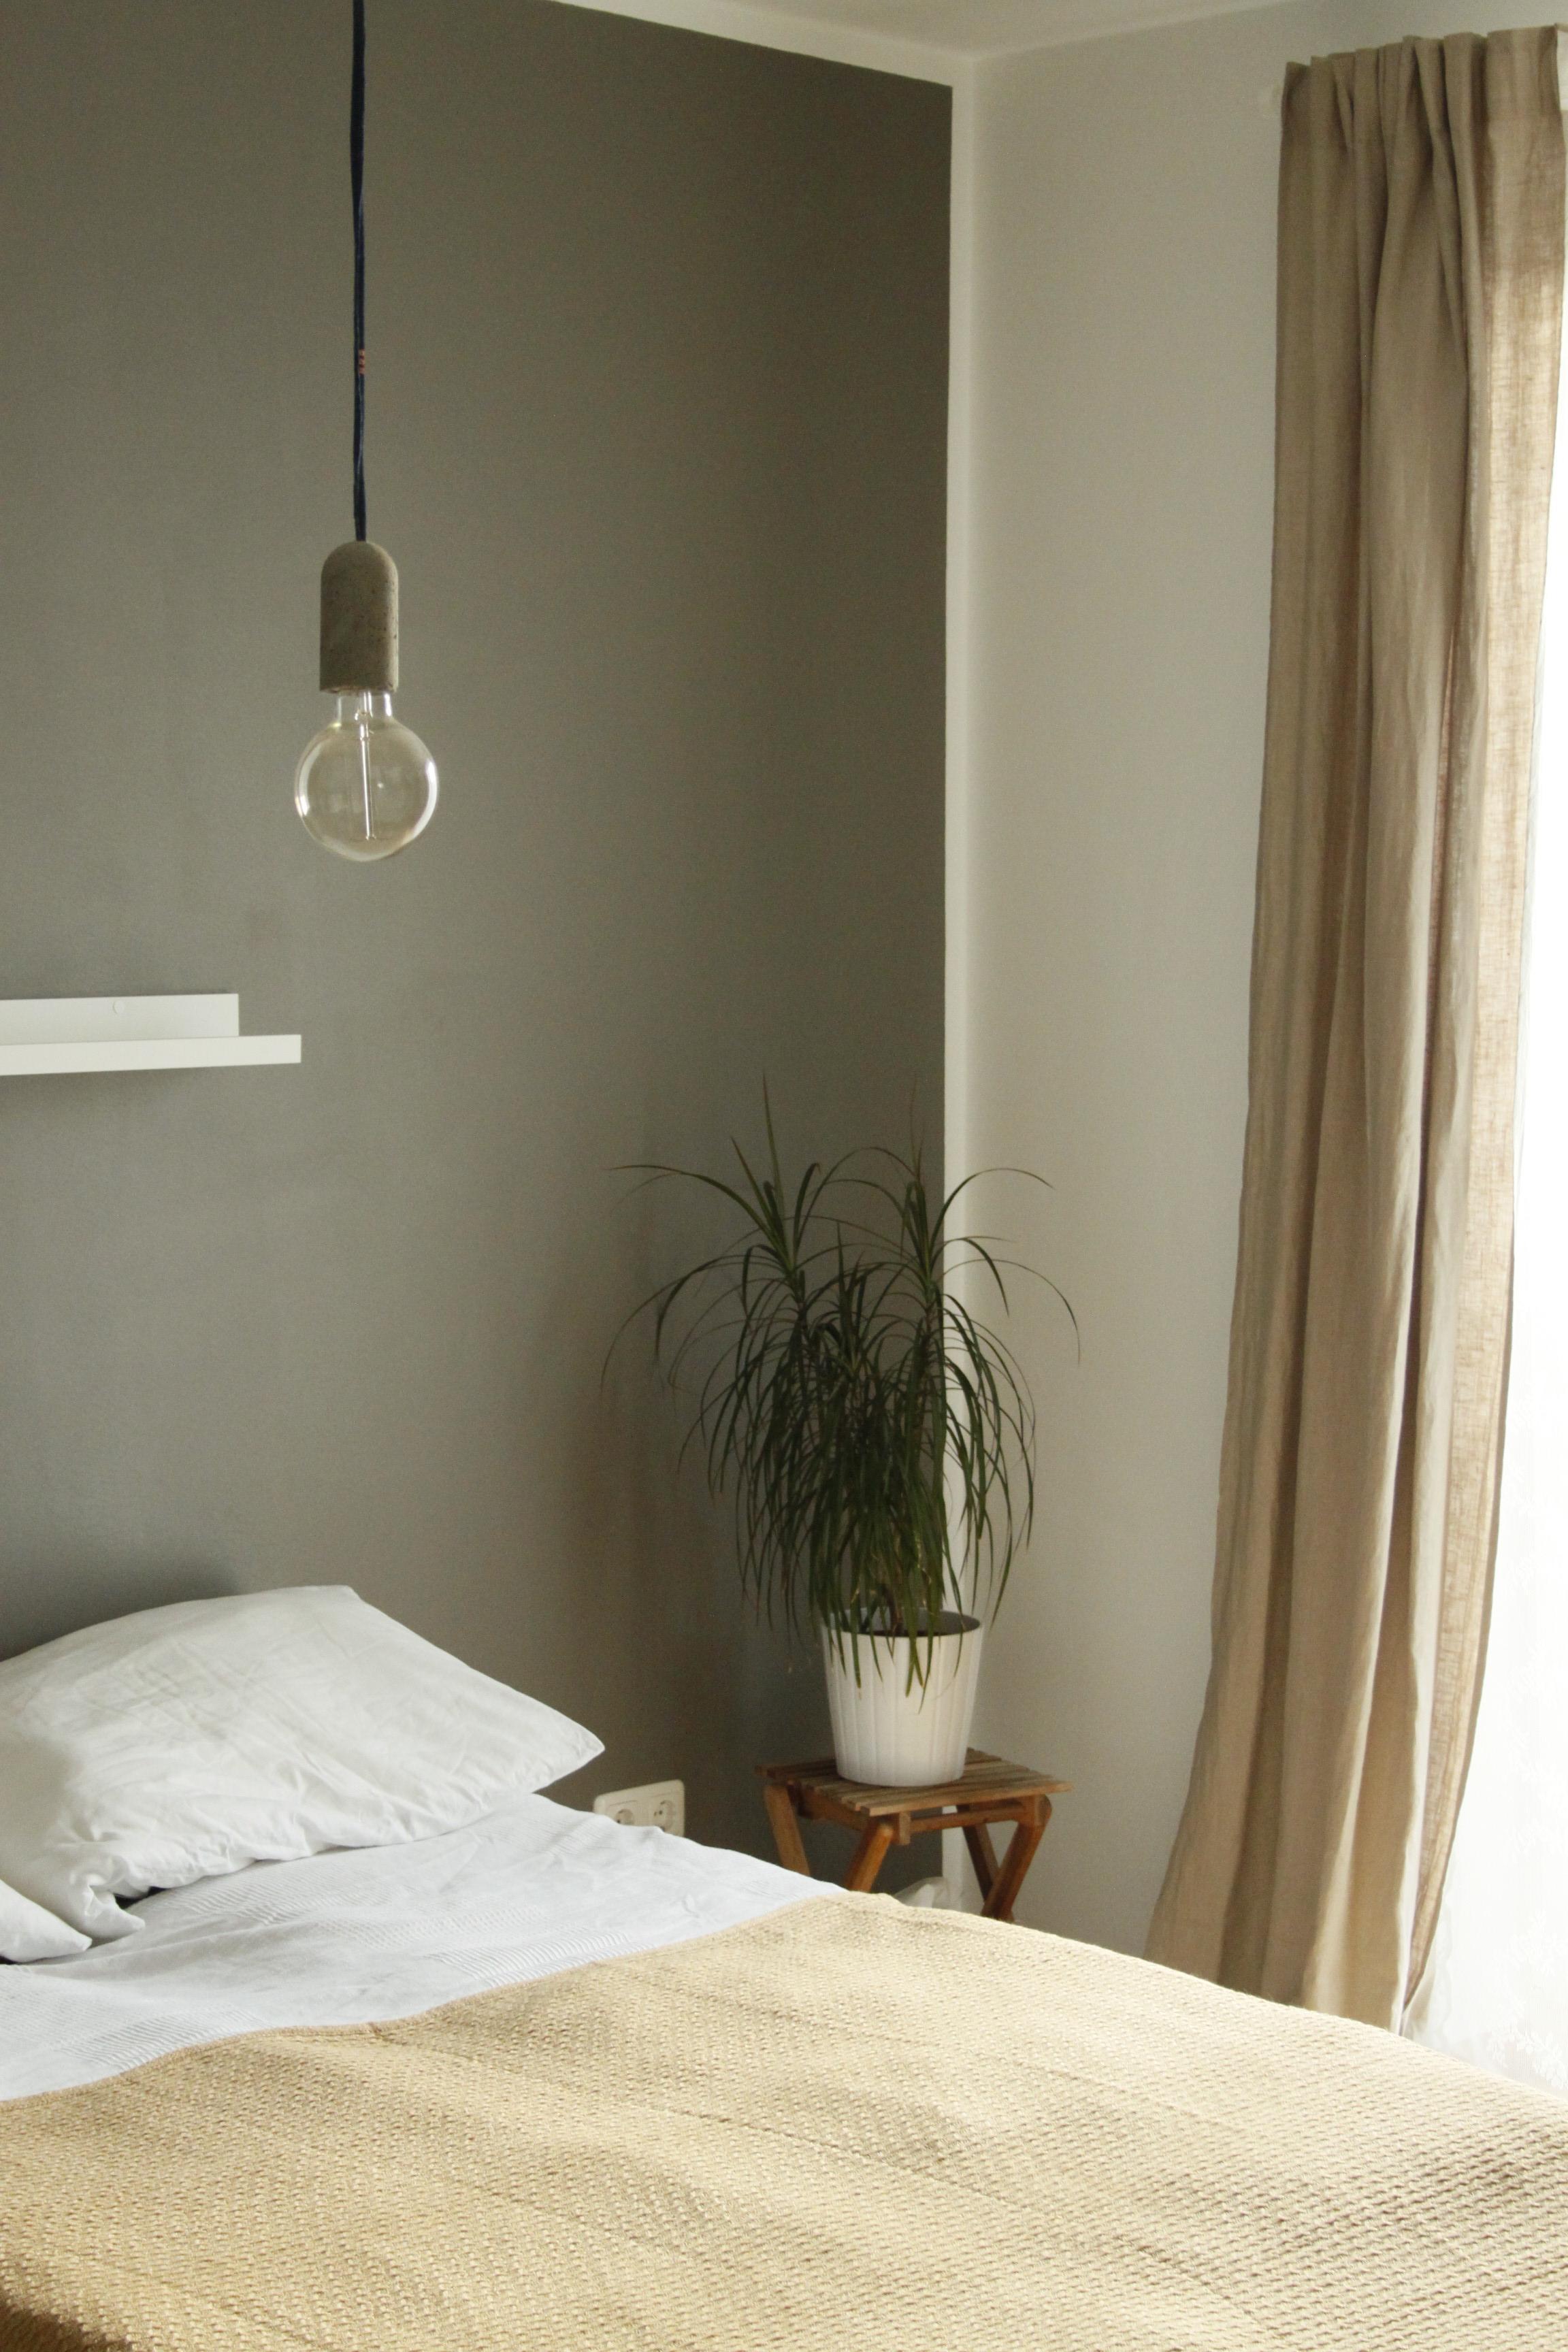 Attraktiv Neue Betonlampe In Unserem Schlafzimmer Natuerlich Beige 775b1e72 886b 4867  99f5 26730df06ed9